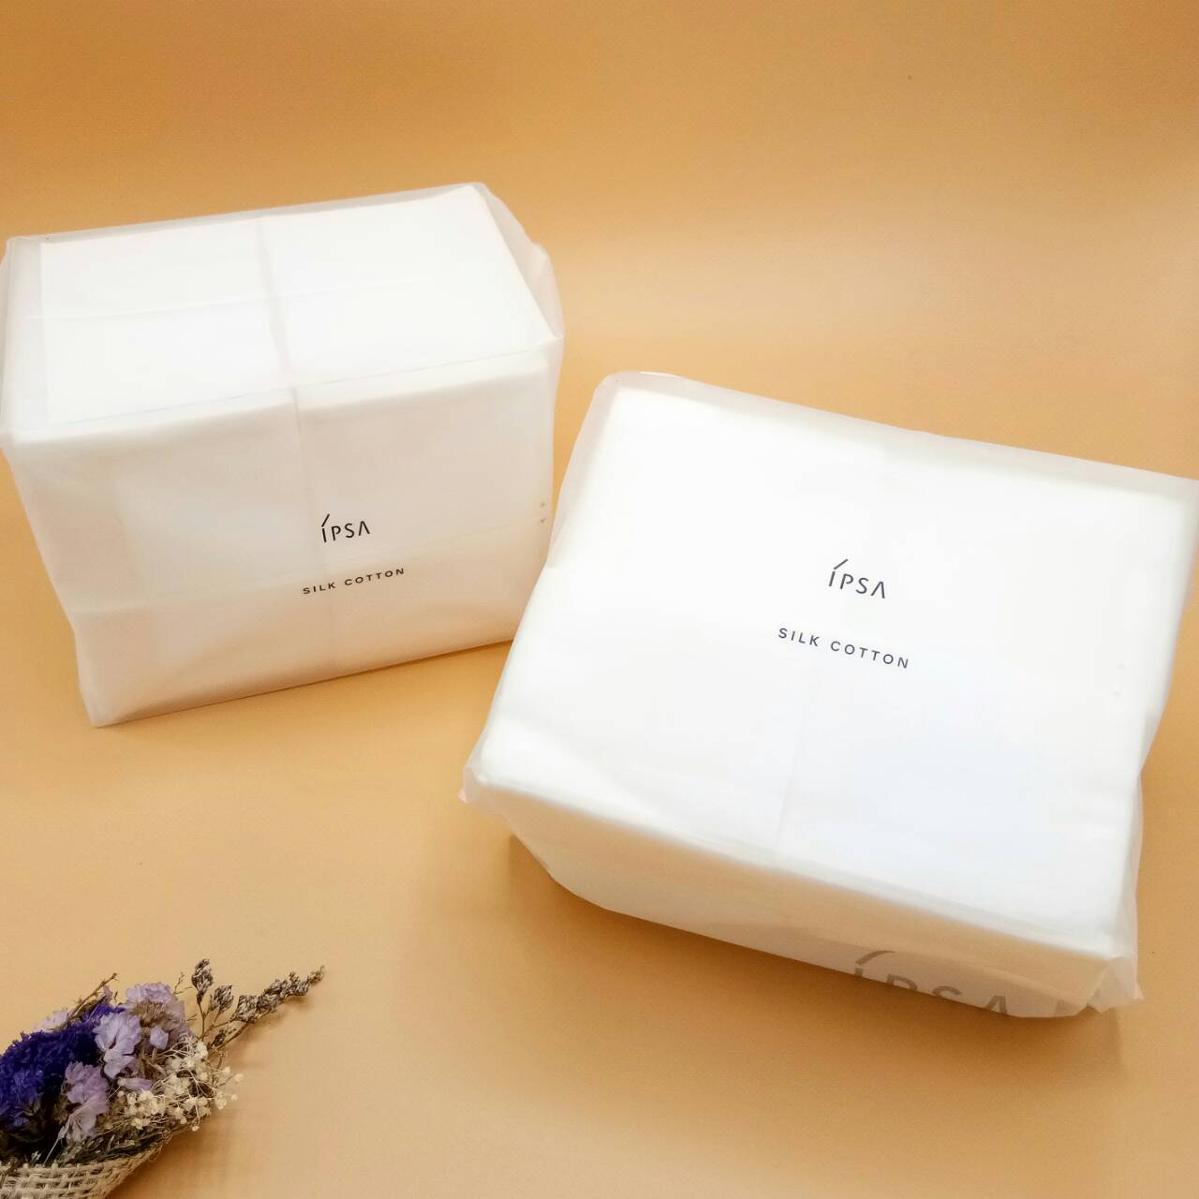 �ล�าร���หารู��า�สำหรั� IPSA Silk Cotton 120 ����